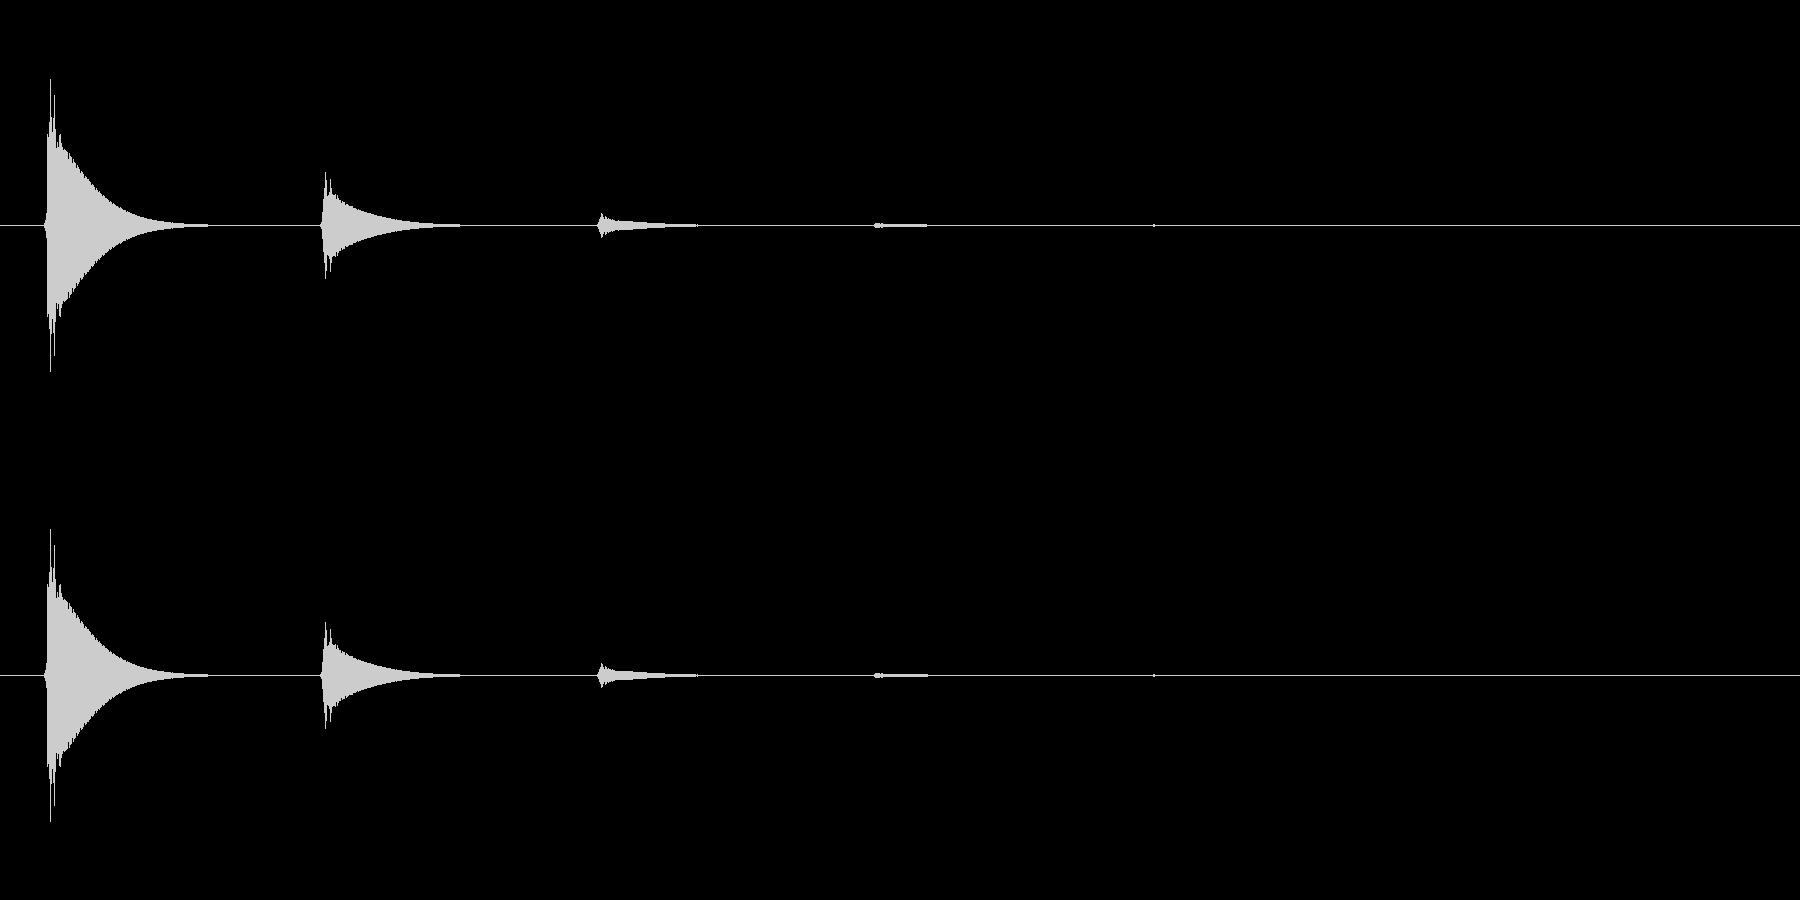 【アクセント06-2】の未再生の波形